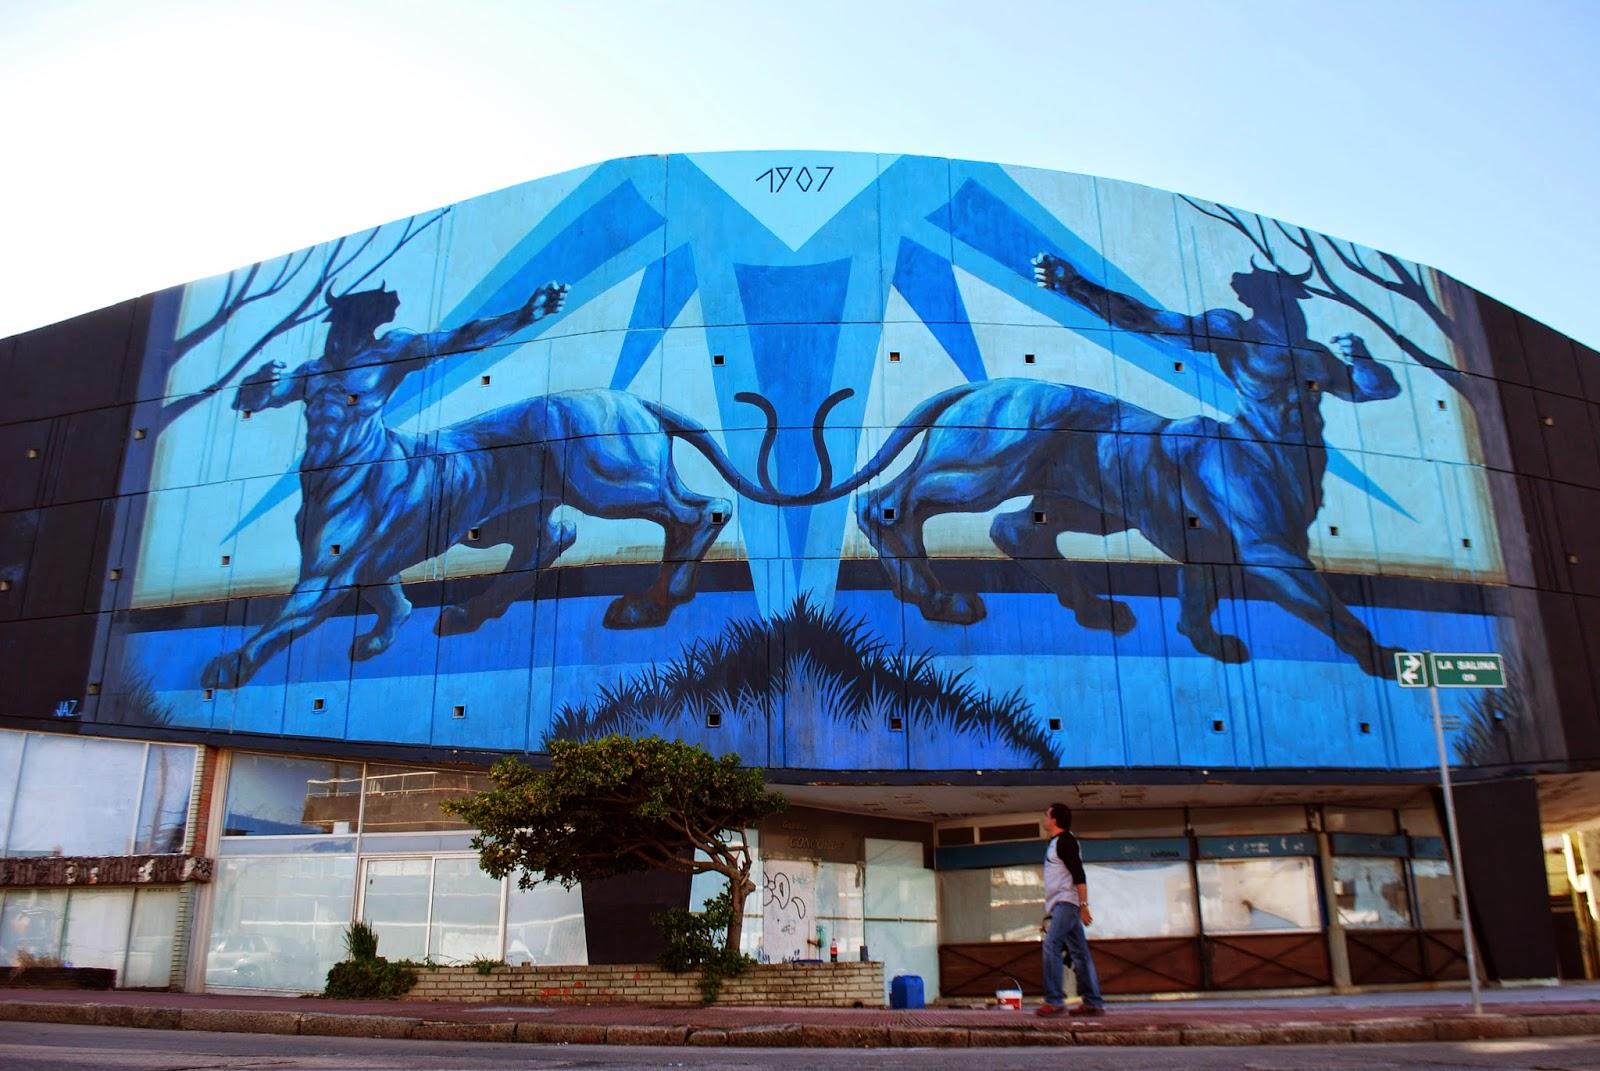 jaz-new-mural-in-punta-del-este-uruguay-01